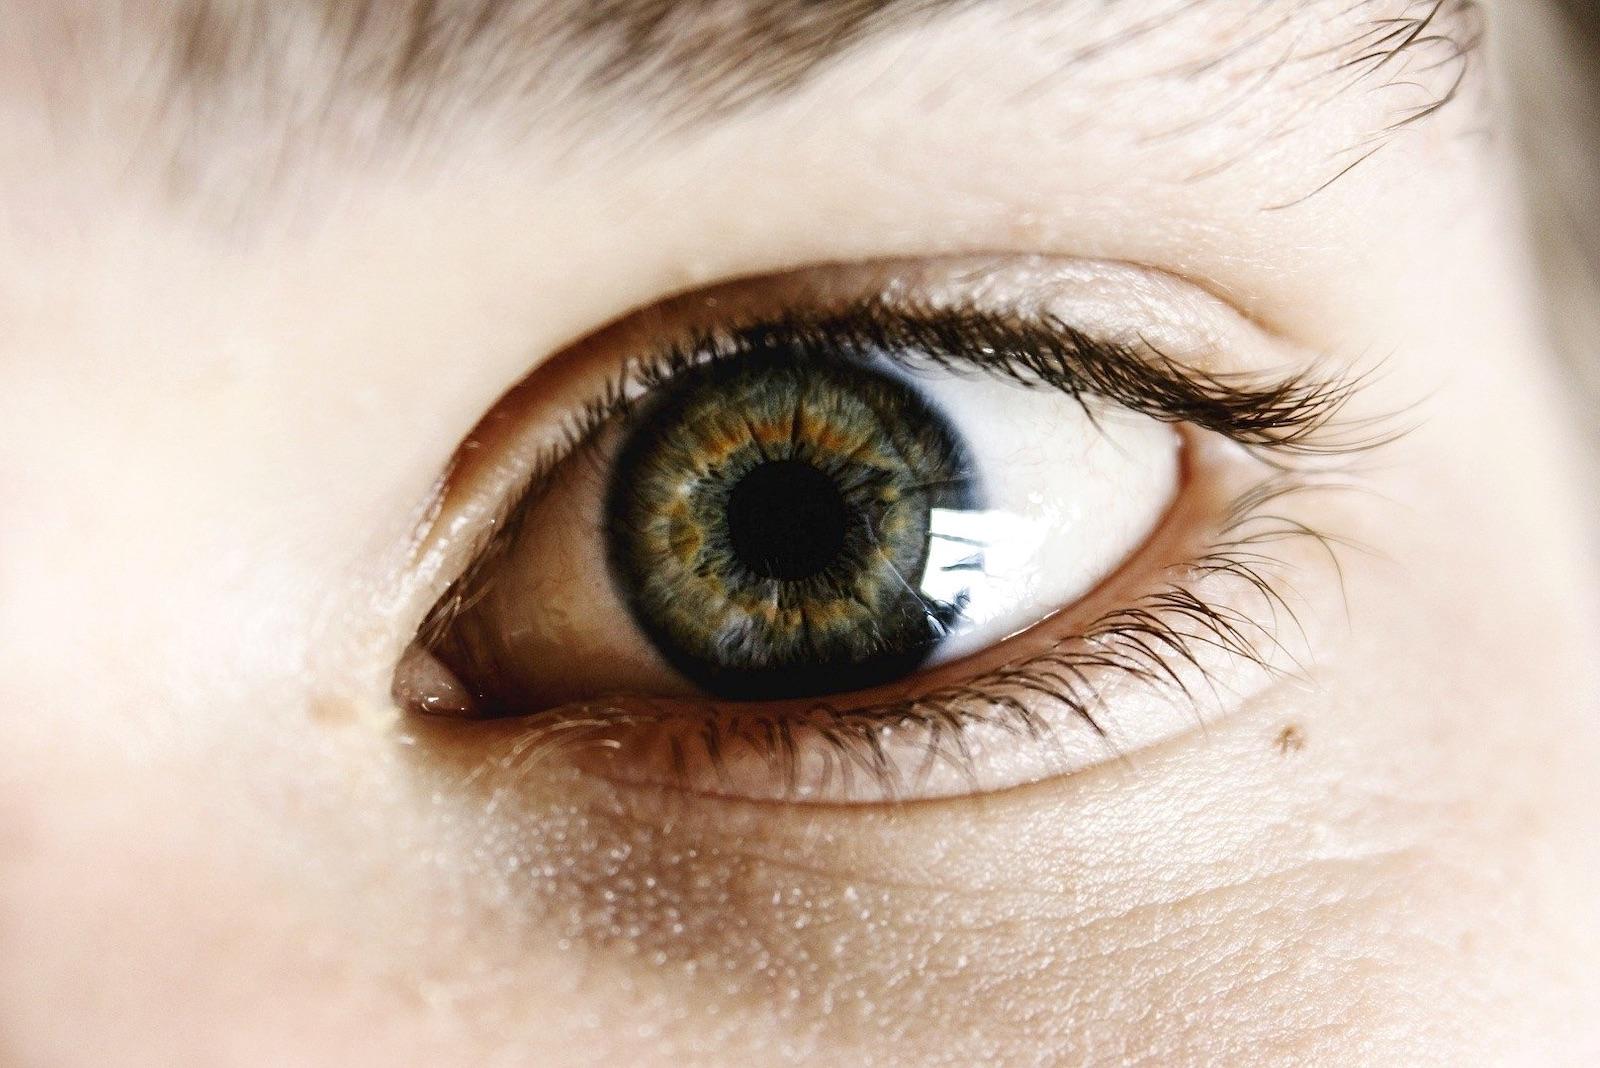 Hipermetropie cum să te oprești, Dureri oculare și vedere încețoșată